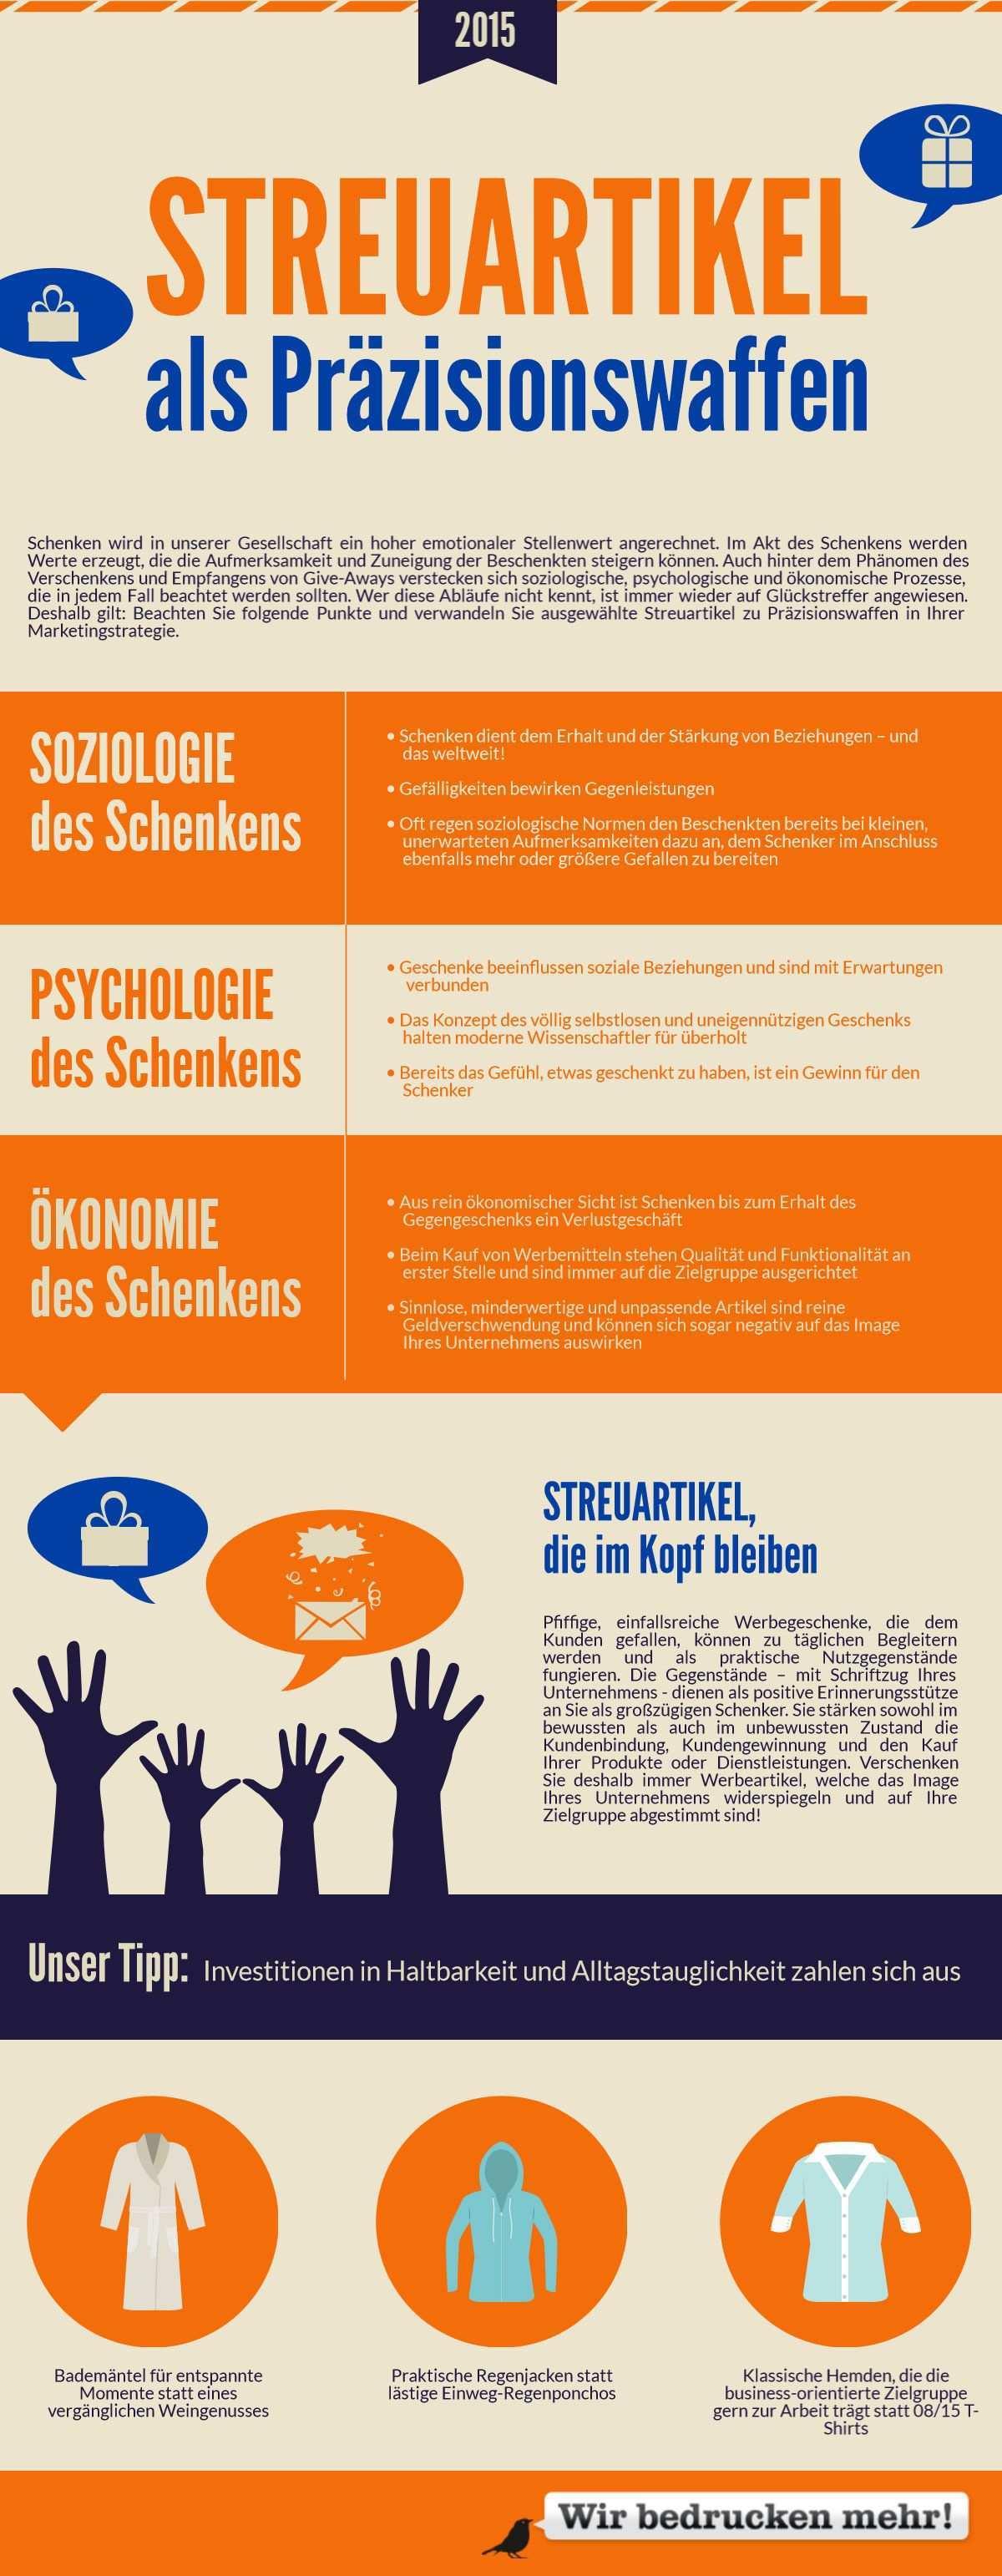 Effektiv Werben Mit Gunstigen Werbemitteln Bedrucken Werbemittel Infografik Werbung